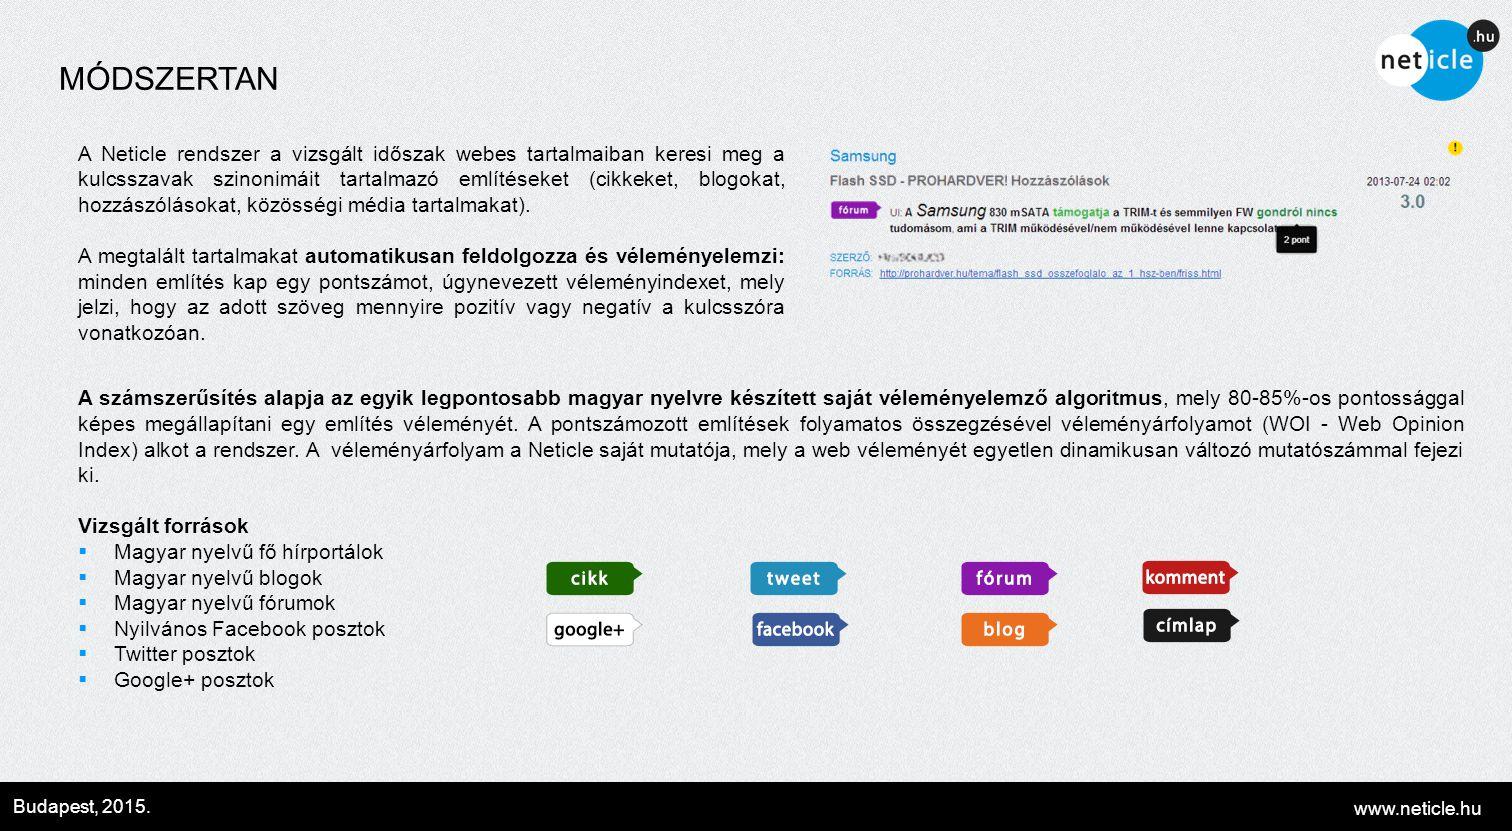 TARTALOMJEGYZÉK Összefoglaló Webes jelenlét áttekintése Megjelenés gyakorisága, Napi véleményindex Említéstérkép Sony Említésfolyam Említésgráf Kulcs tulajdonságok, témák és a leggyakoribb kifejezések A legaktívabb weboldalak és szerzők Samsung Említésfolyam Említésgráf Kulcs tulajdonságok, témák és a leggyakoribb kifejezések A legaktívabb weboldalak és szerzők Panasonic Említésfolyam Említésgráf Kulcs tulajdonságok, témák és a leggyakoribb kifejezések A legaktívabb weboldalak és szerzők